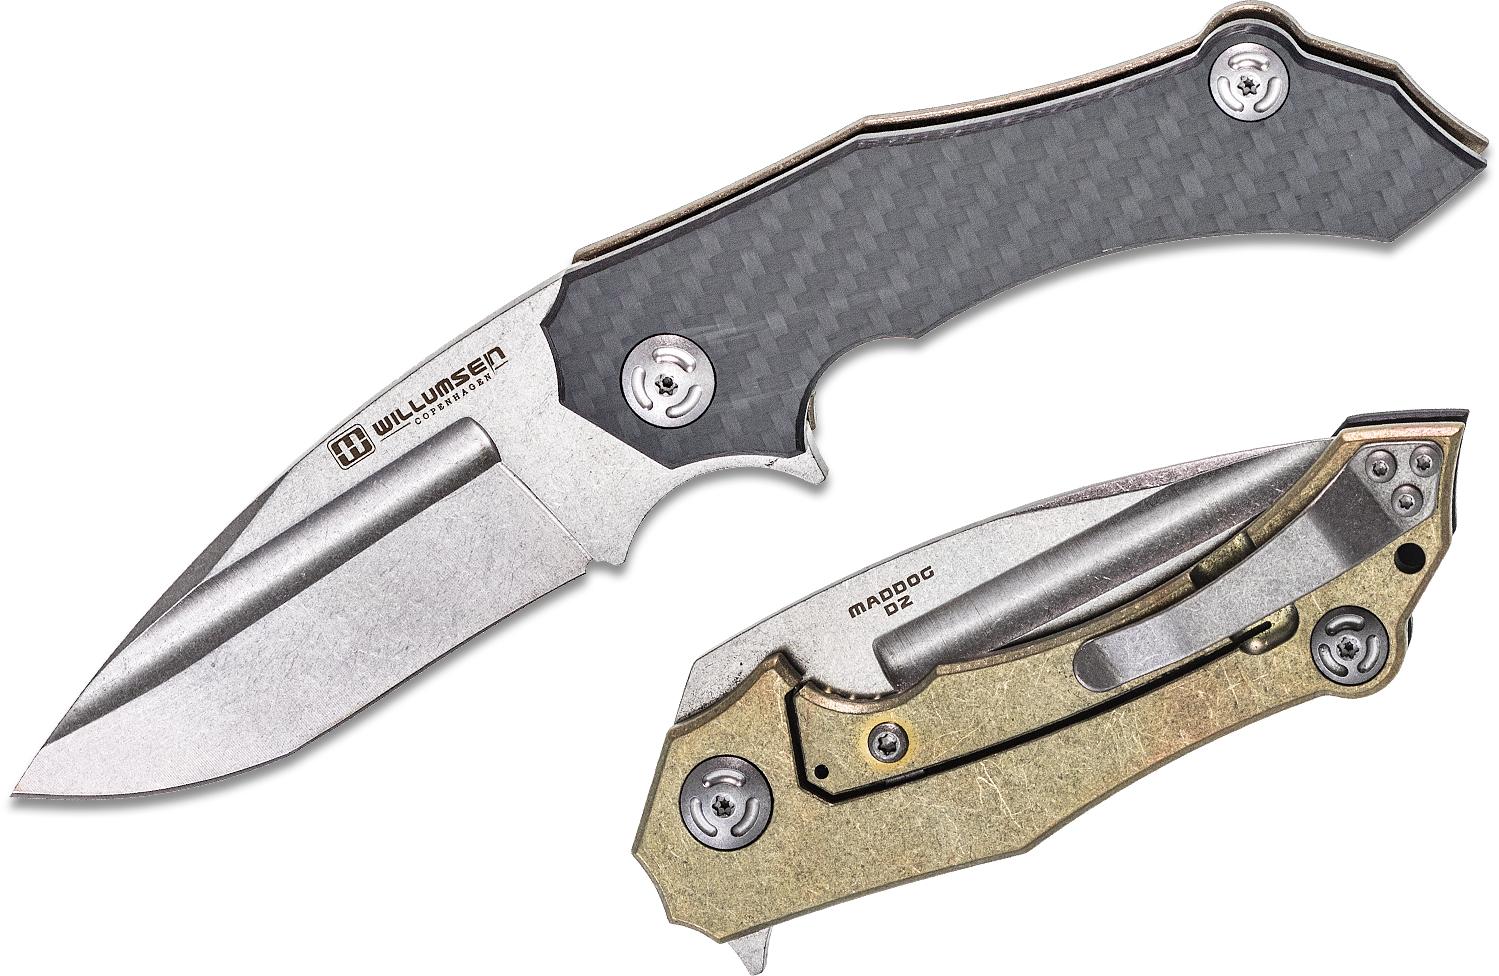 Willumsen Copenhagen Maddog Flipper Knife 3.5 inch D2 Stonewashed Blade, Carbon Fiber and Gold Titanium Handles